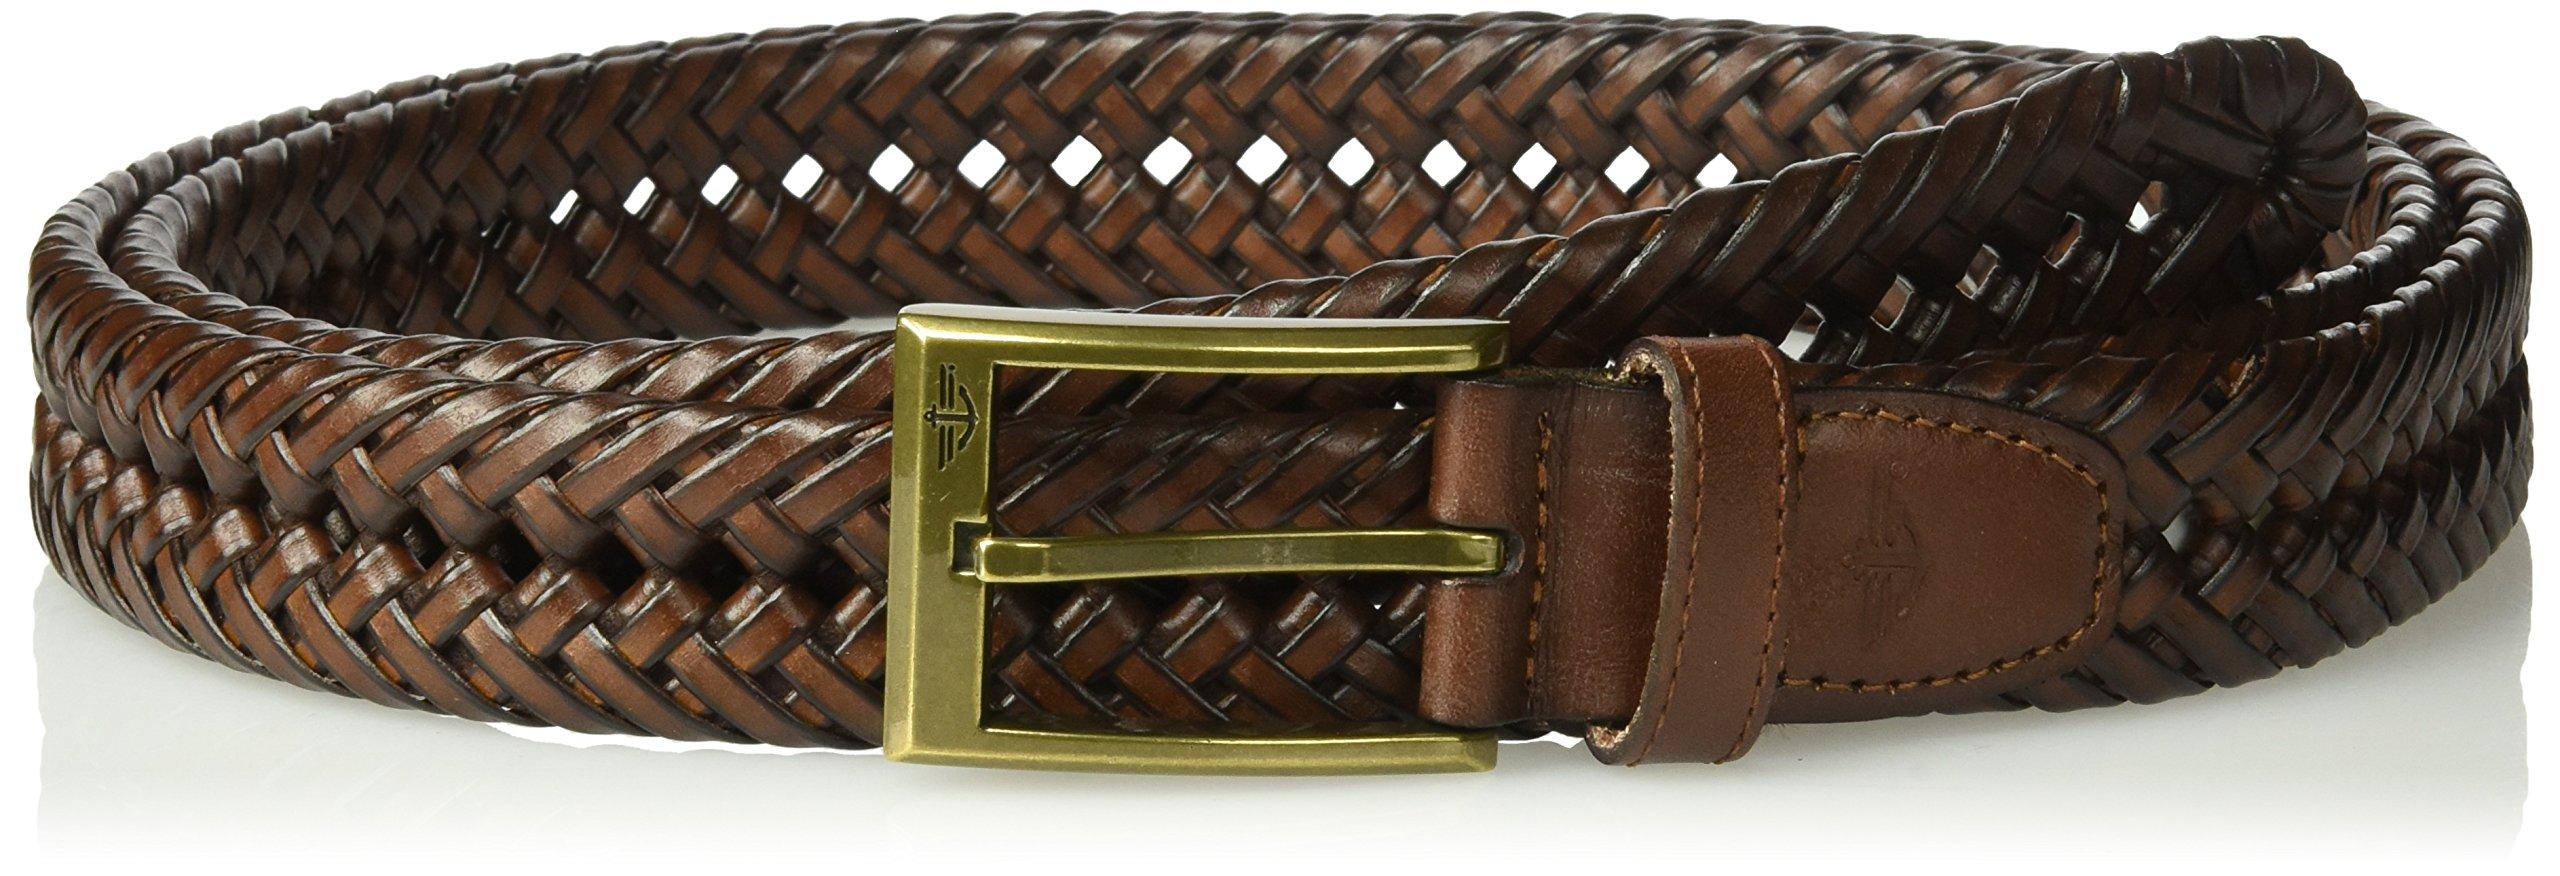 Dockers Men's 1 3/16 in. Glazed Top Braided Belt,Tan,34